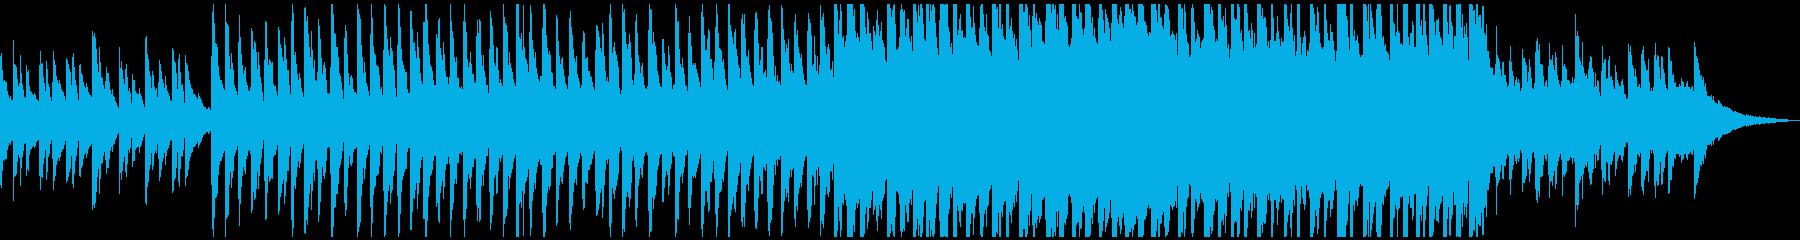 ティーン 現代の交響曲 劇的な 可...の再生済みの波形